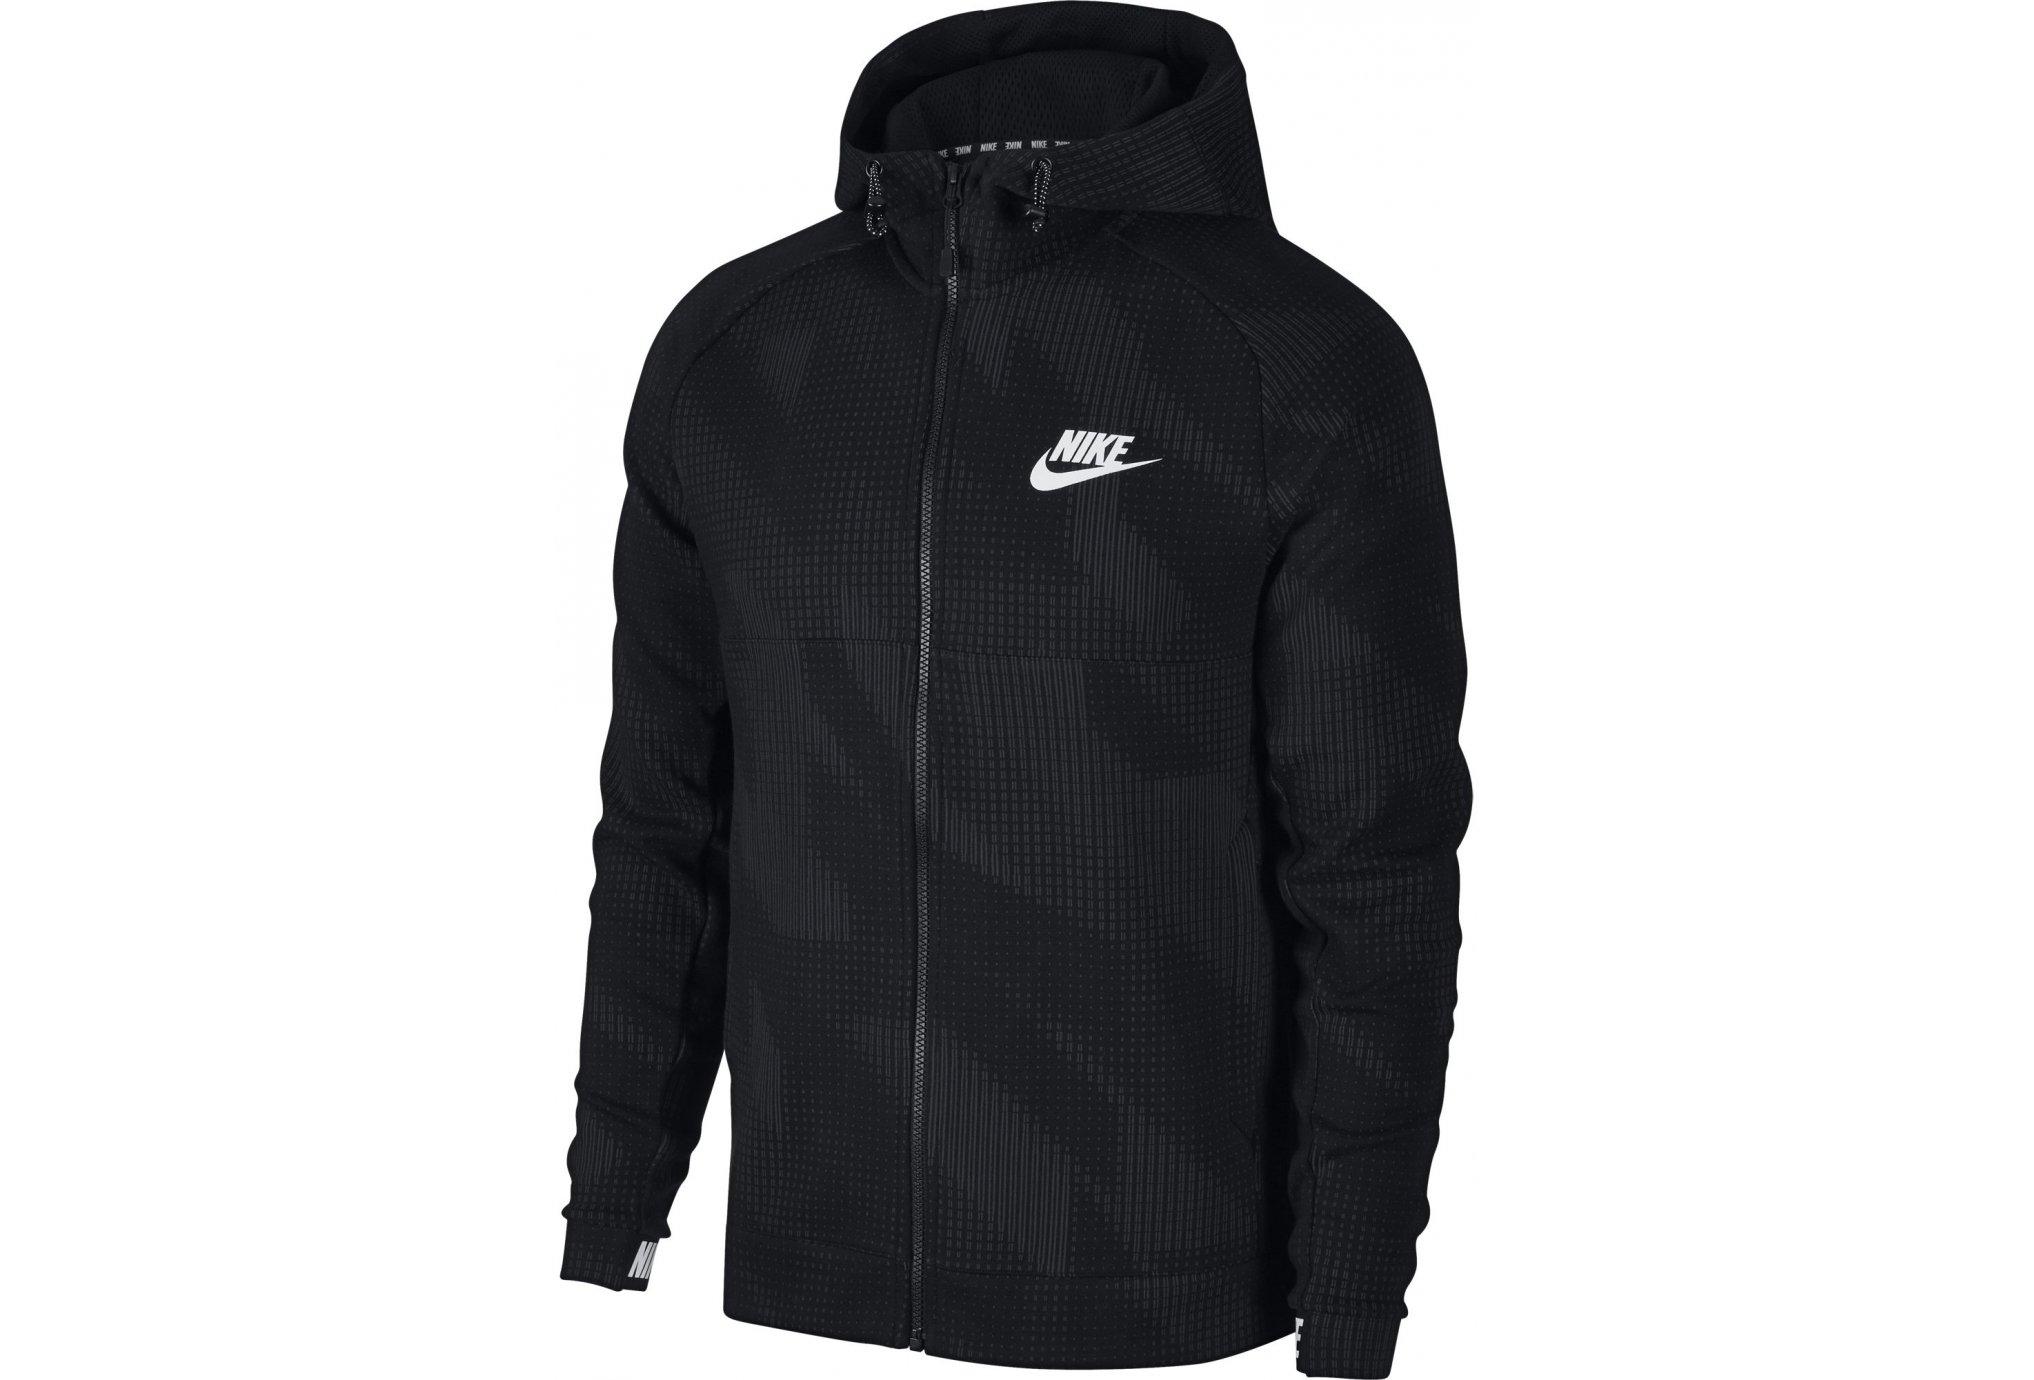 Nike Advance 15 M Diététique Vêtements homme